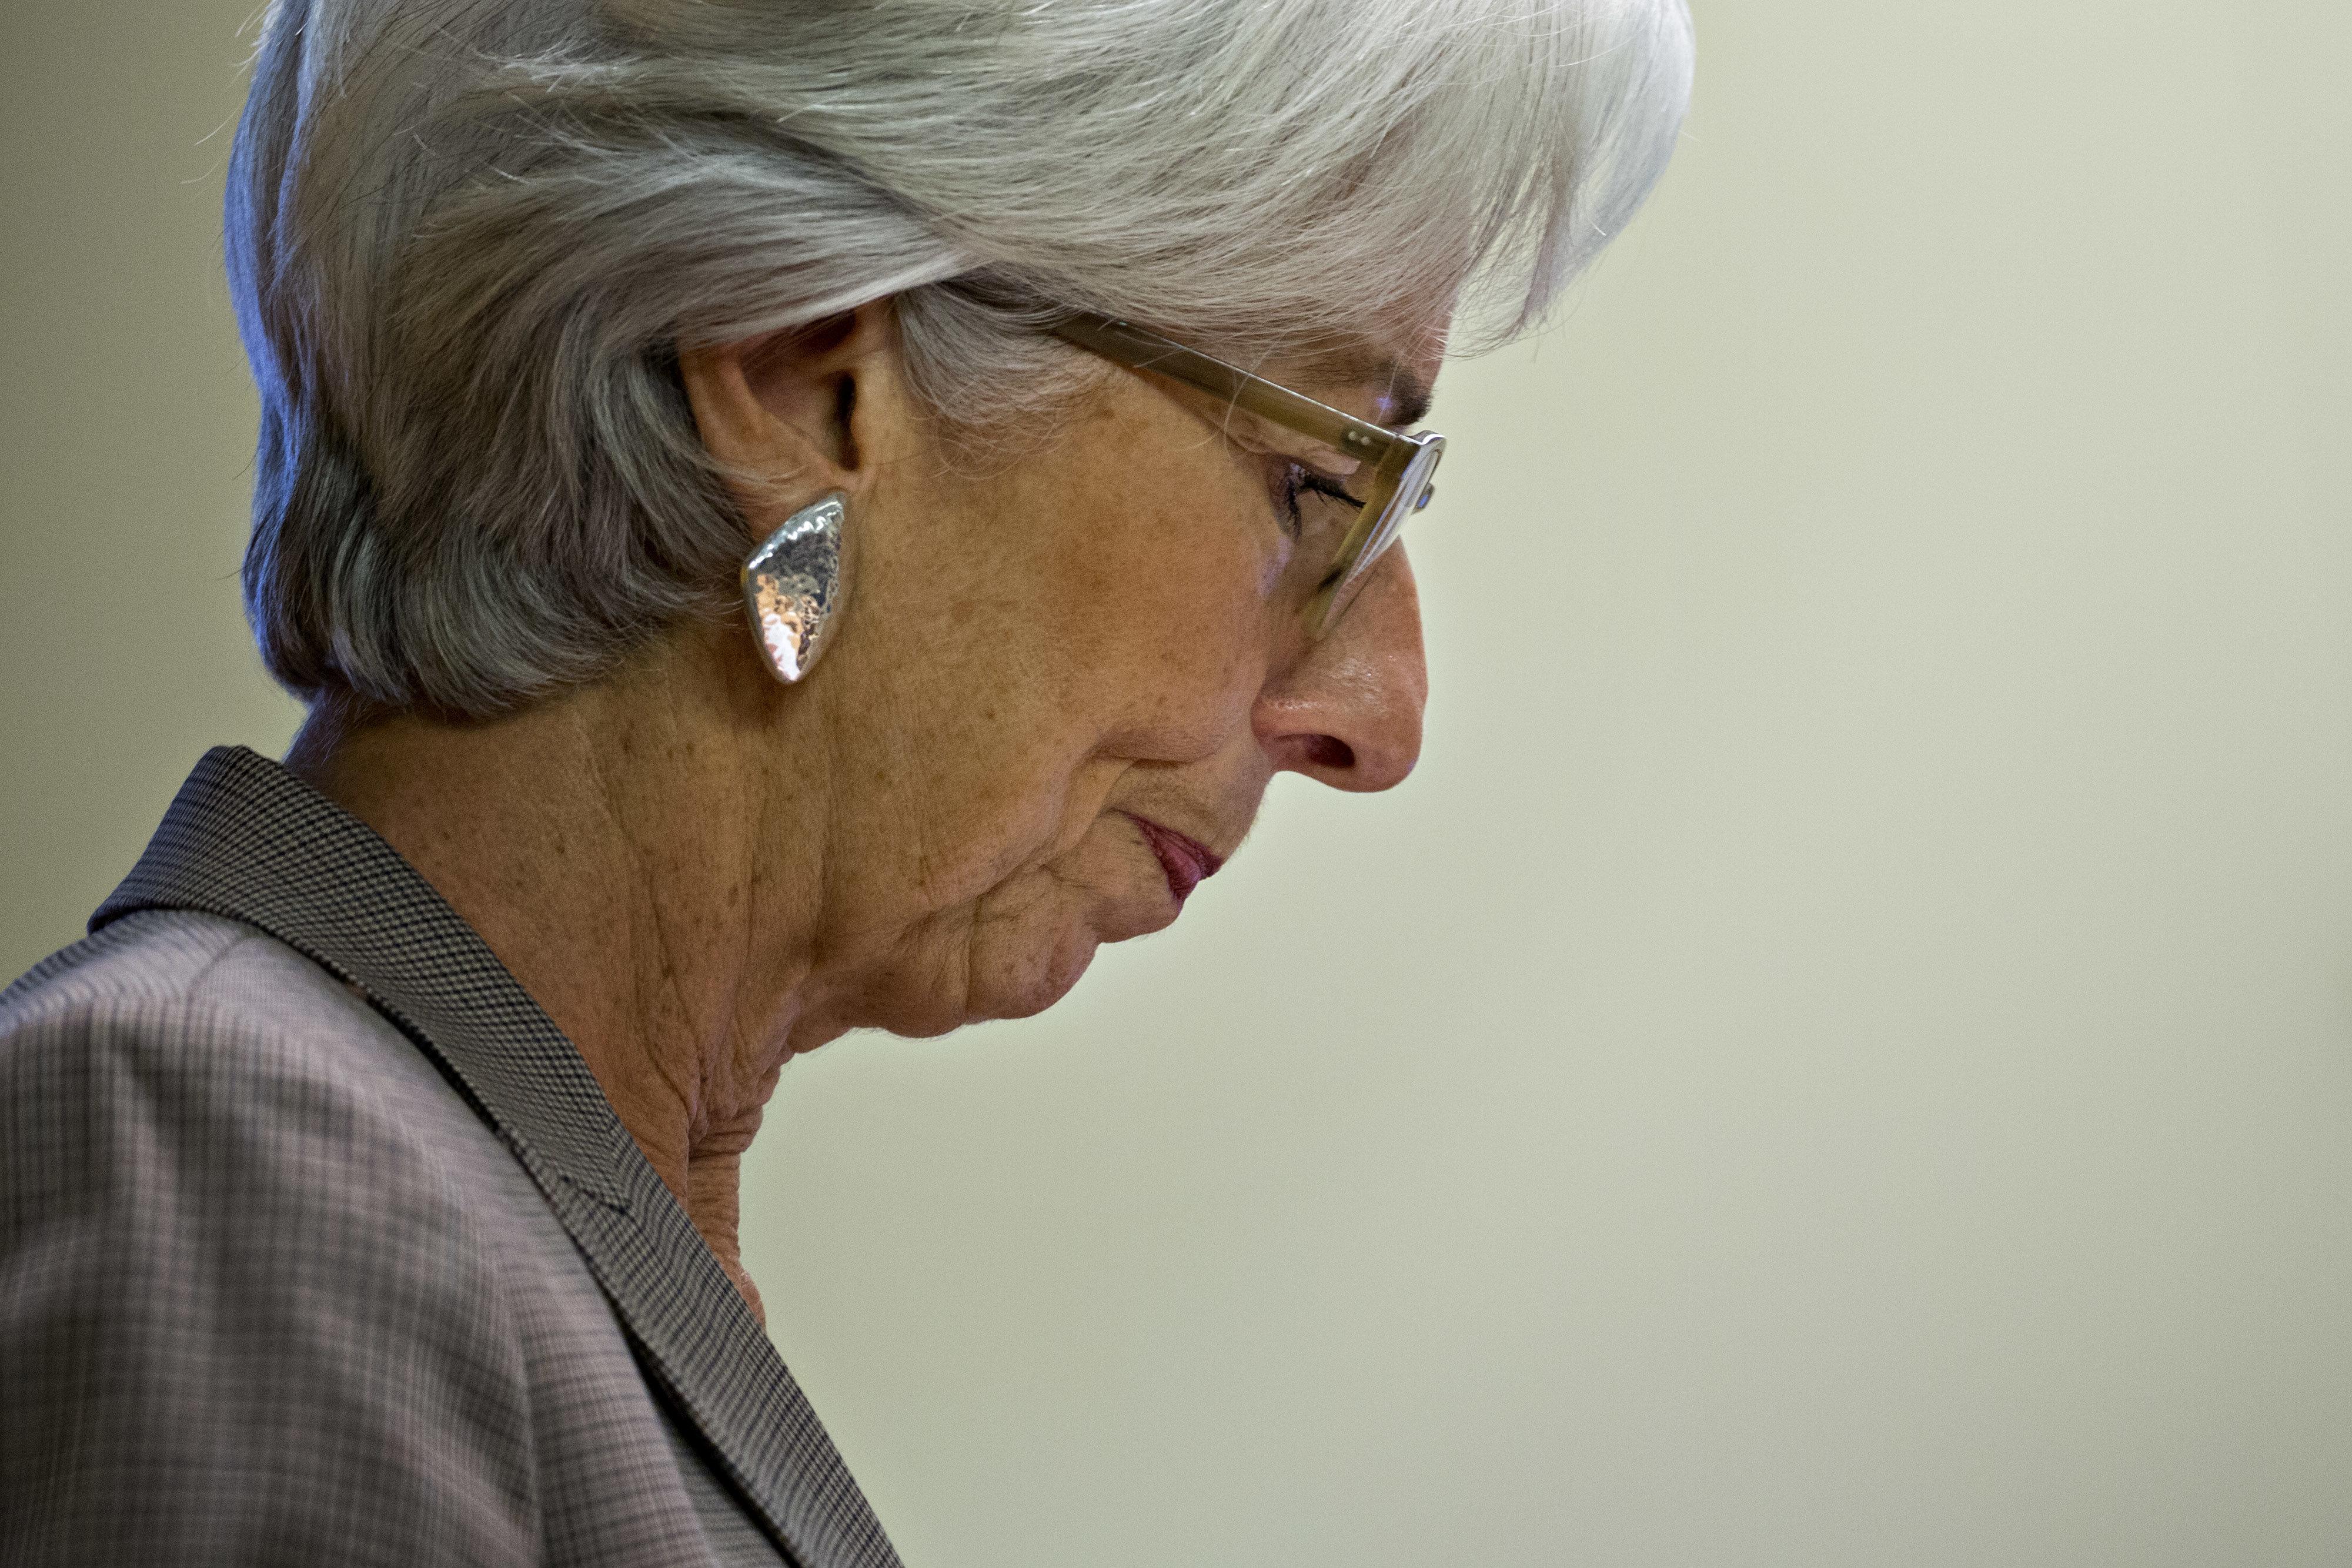 «Η Ελλάδα θα παραμείνει υπό επιτήρηση» μετά την έξοδο από το μνημόνιο τον Αύγουστο, ξεκαθαρίζει η